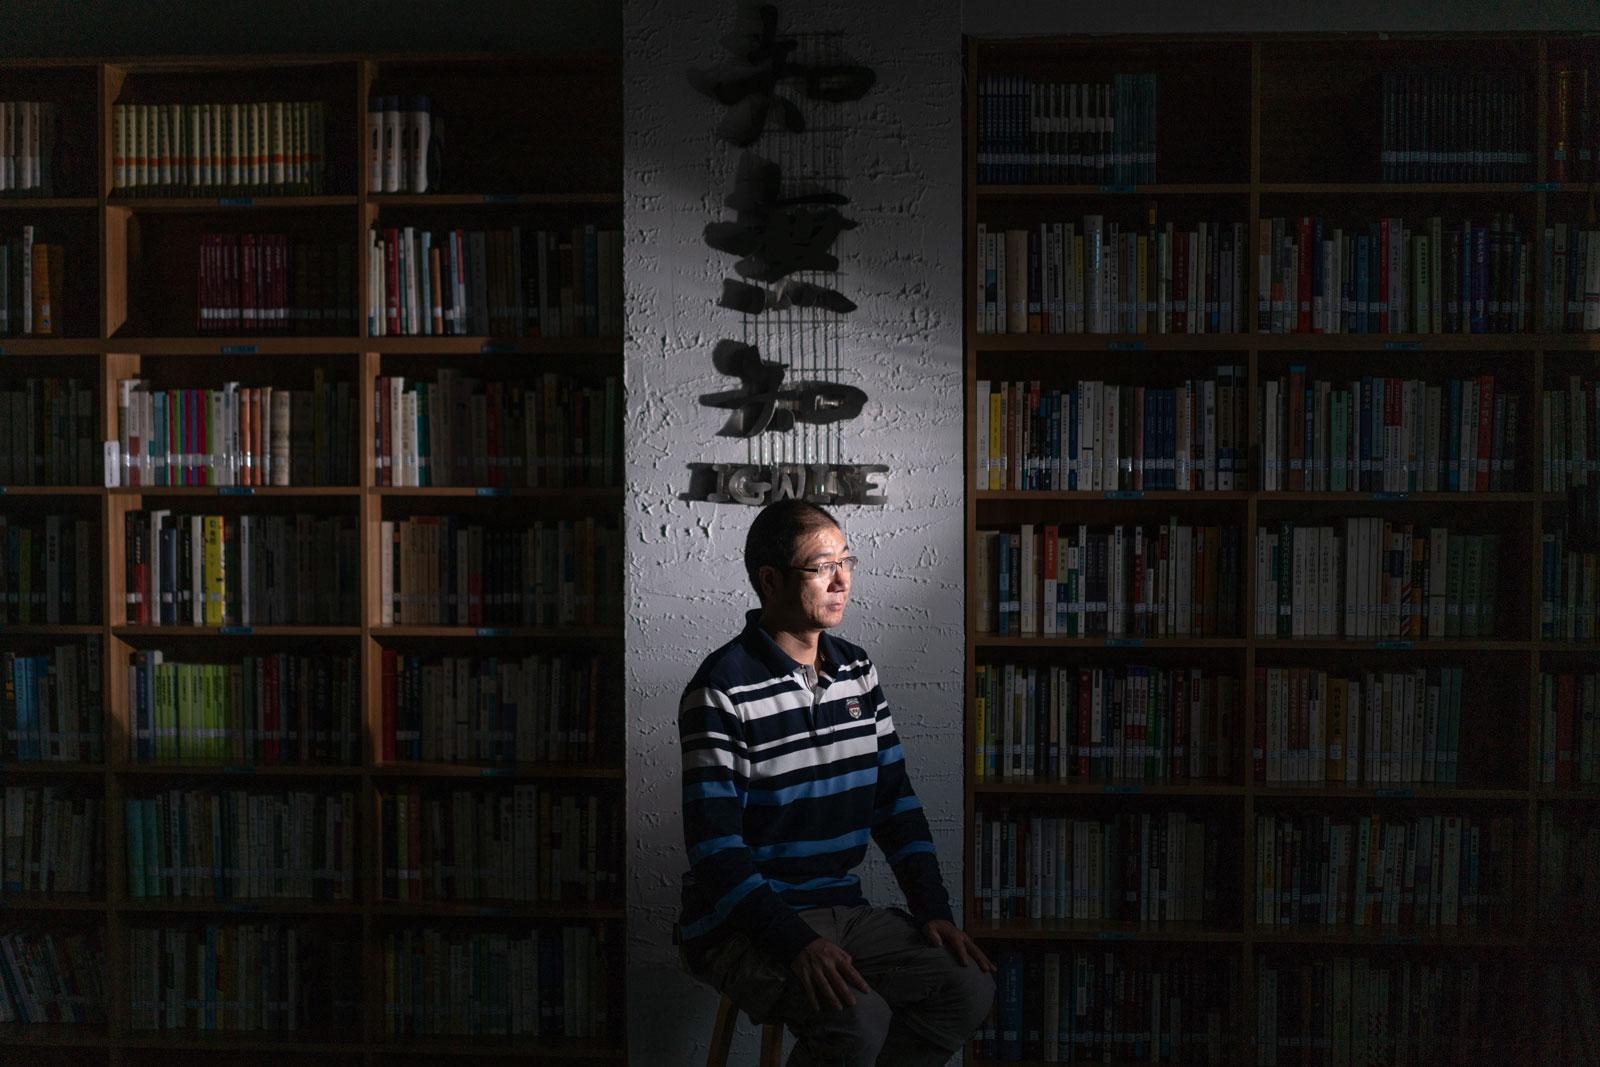 Chen Hongguo in Zhiwuzhi, the reading room he established in Xi'an, China, 2018